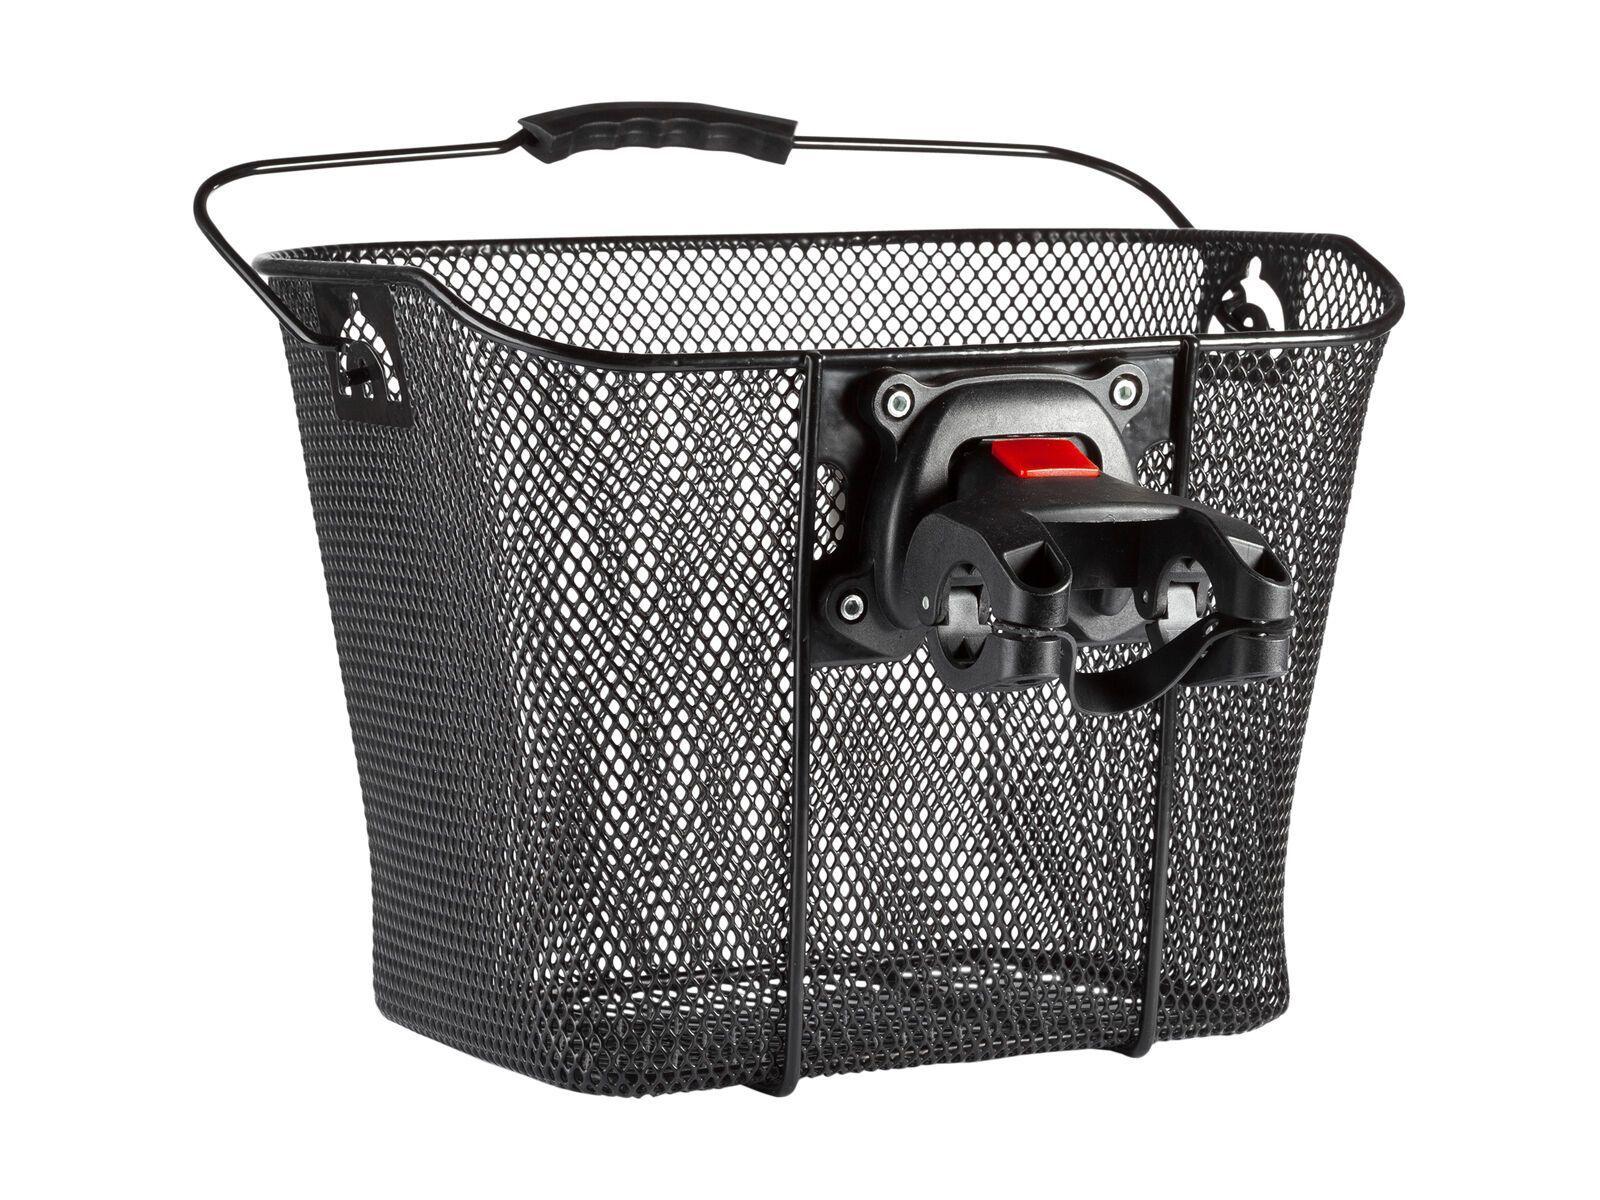 Cube RFR Lenkerkorb Klick&Go inkl. Halterung, black - Fahrradkorb 138390000